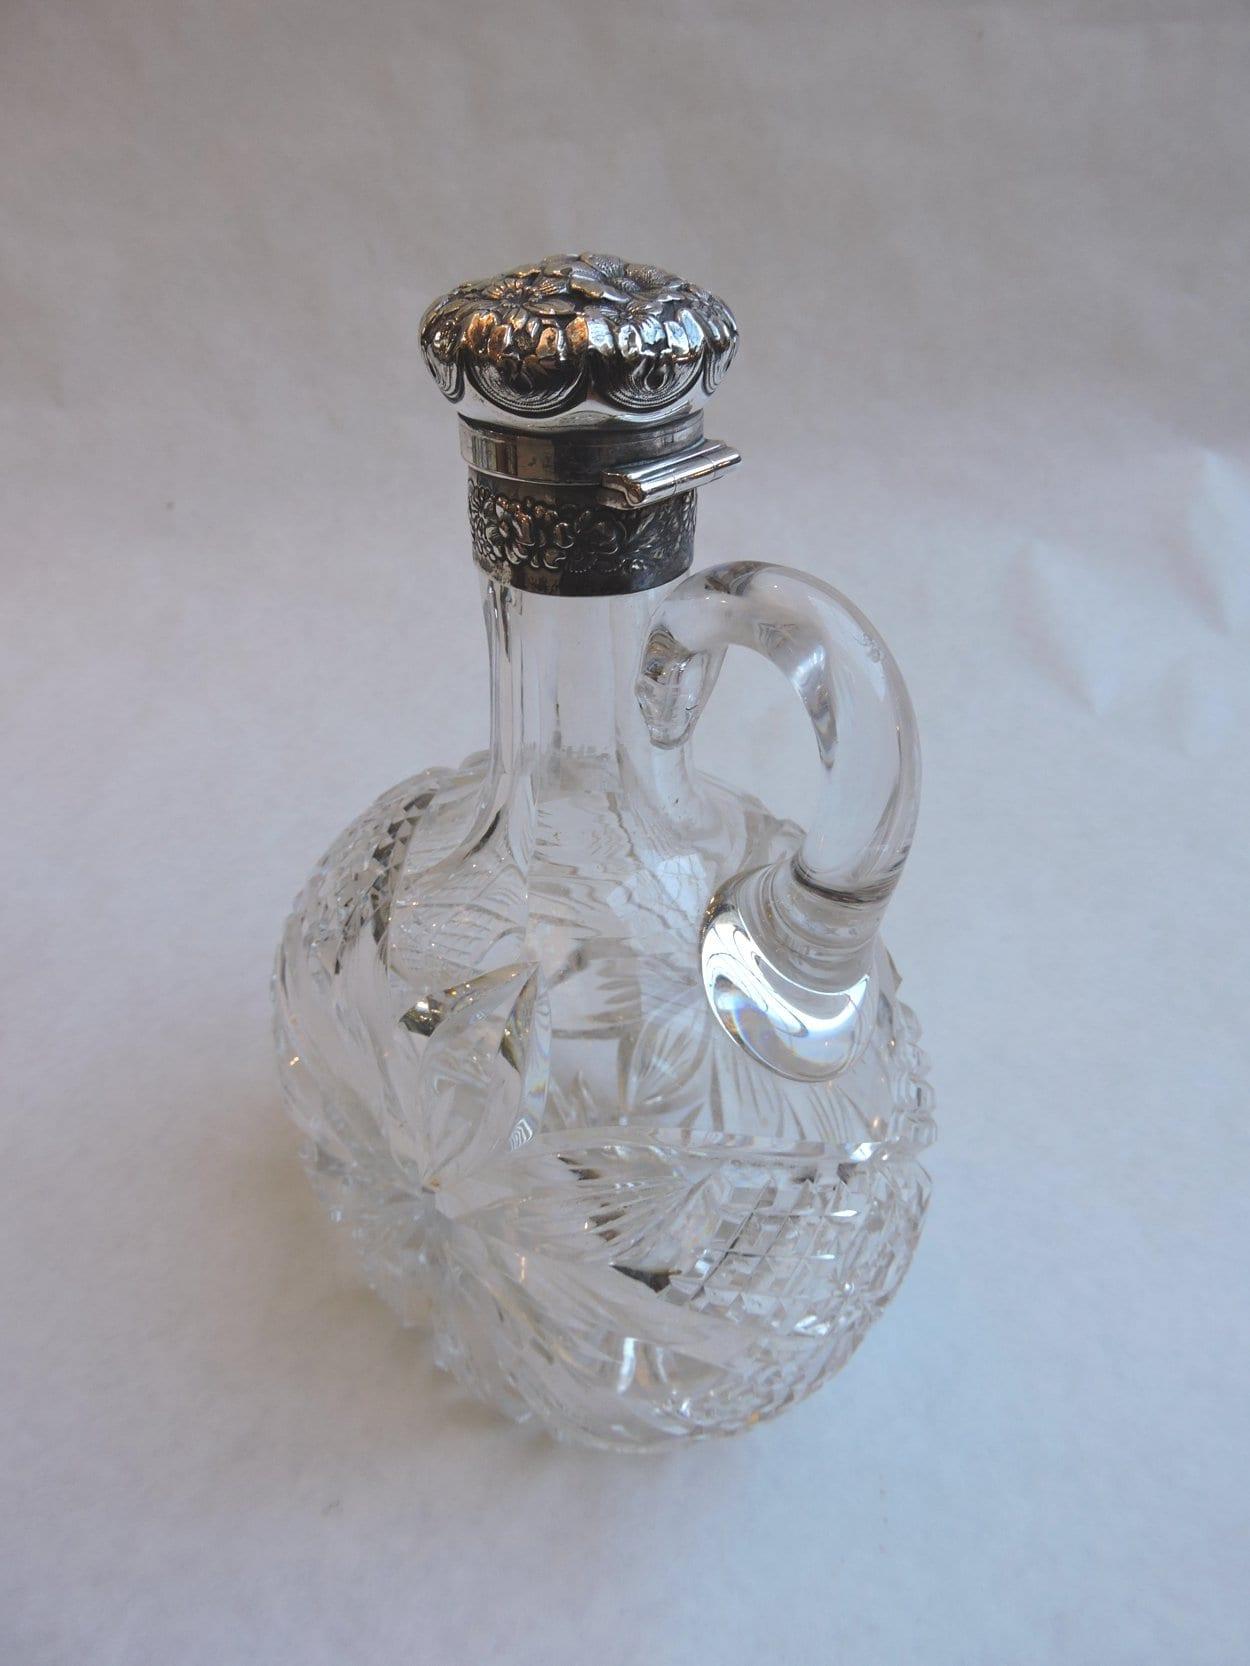 silver - silvertopcrystaljug-01.jpg